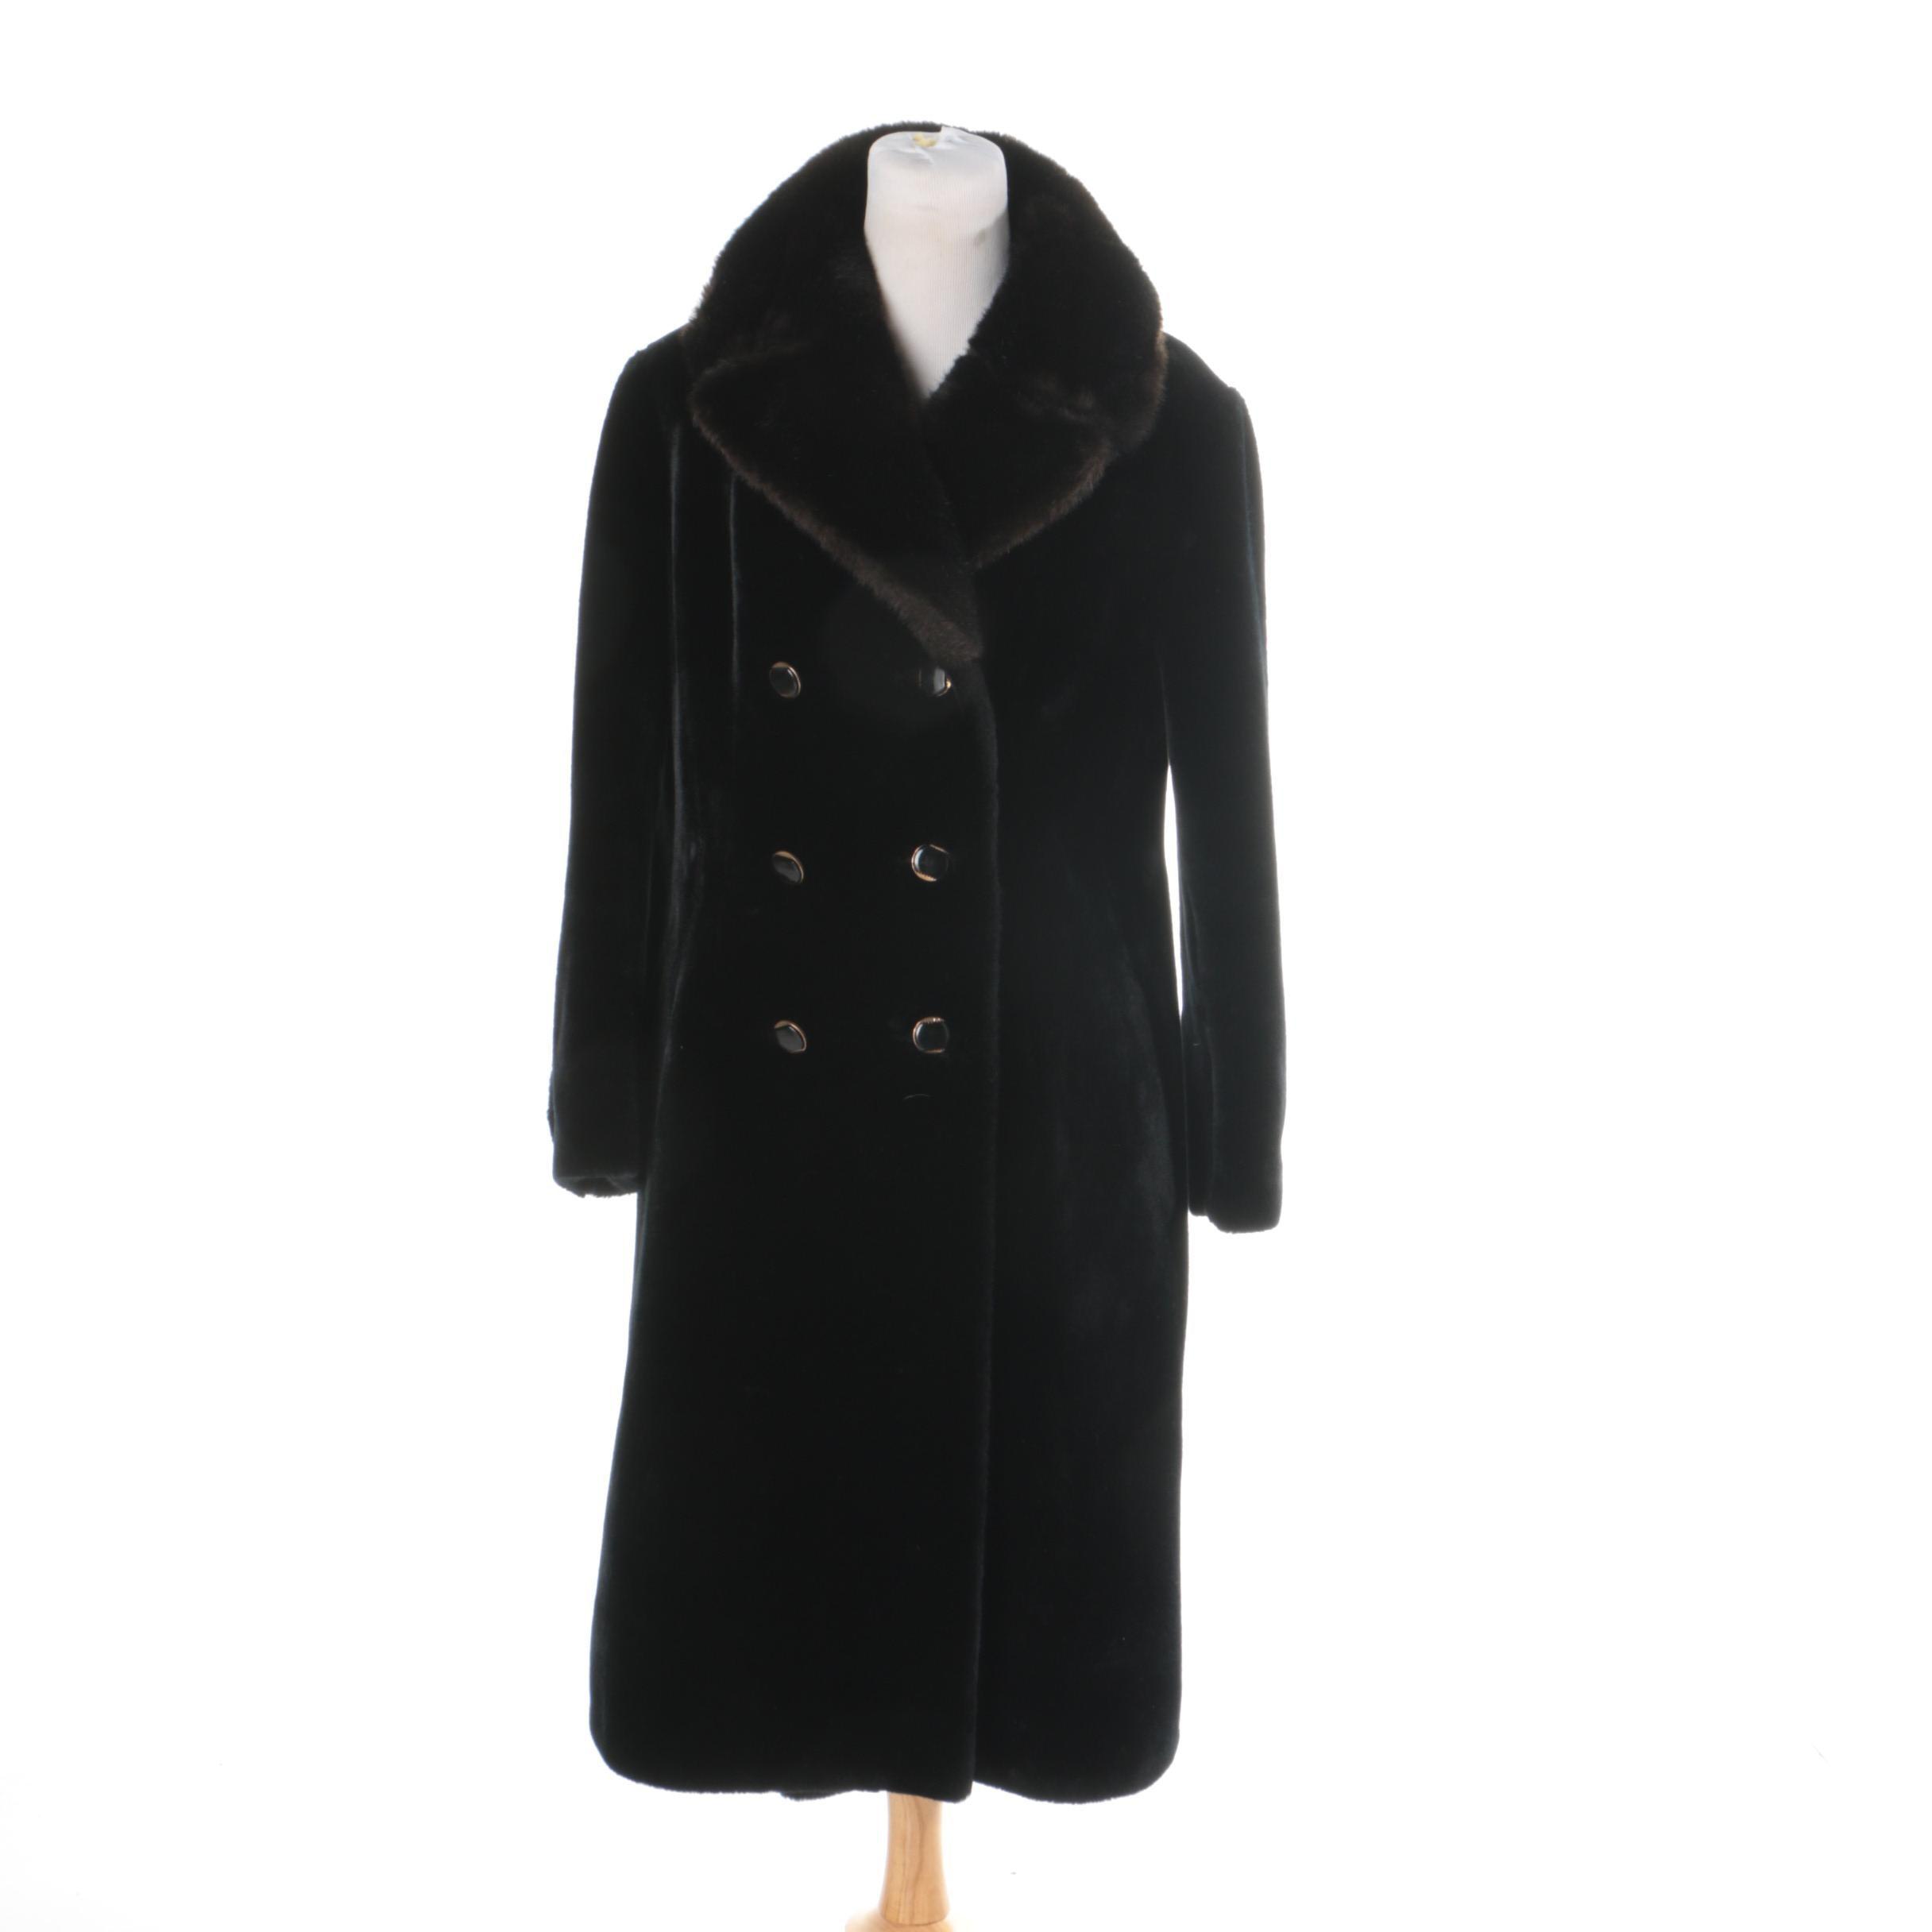 Women's Vintage Black Faux Fur Coat